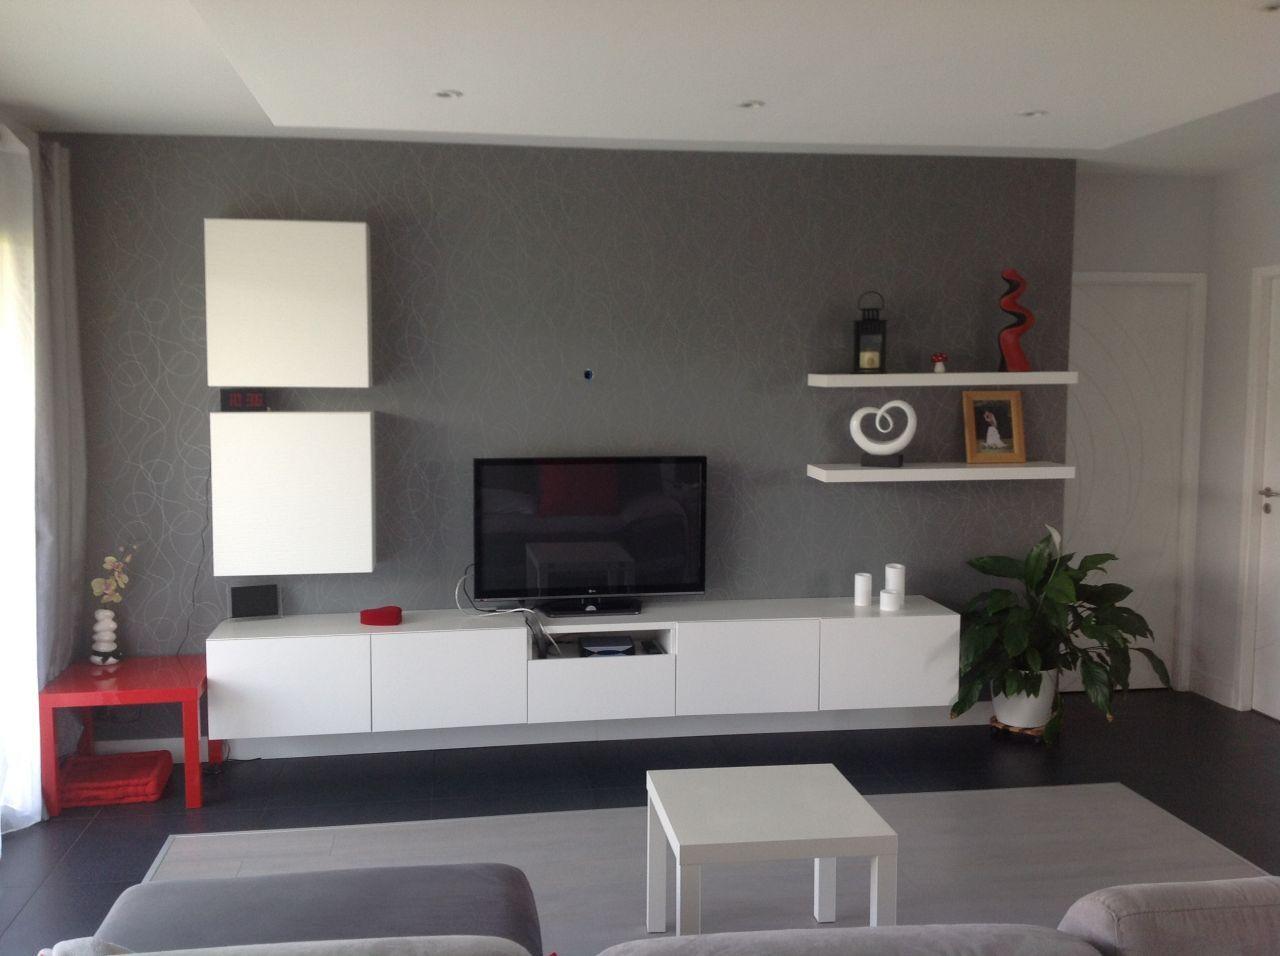 Salon fond papier peint gris et meuble blanc besta Ikea  Maison LF par Kali31 sur